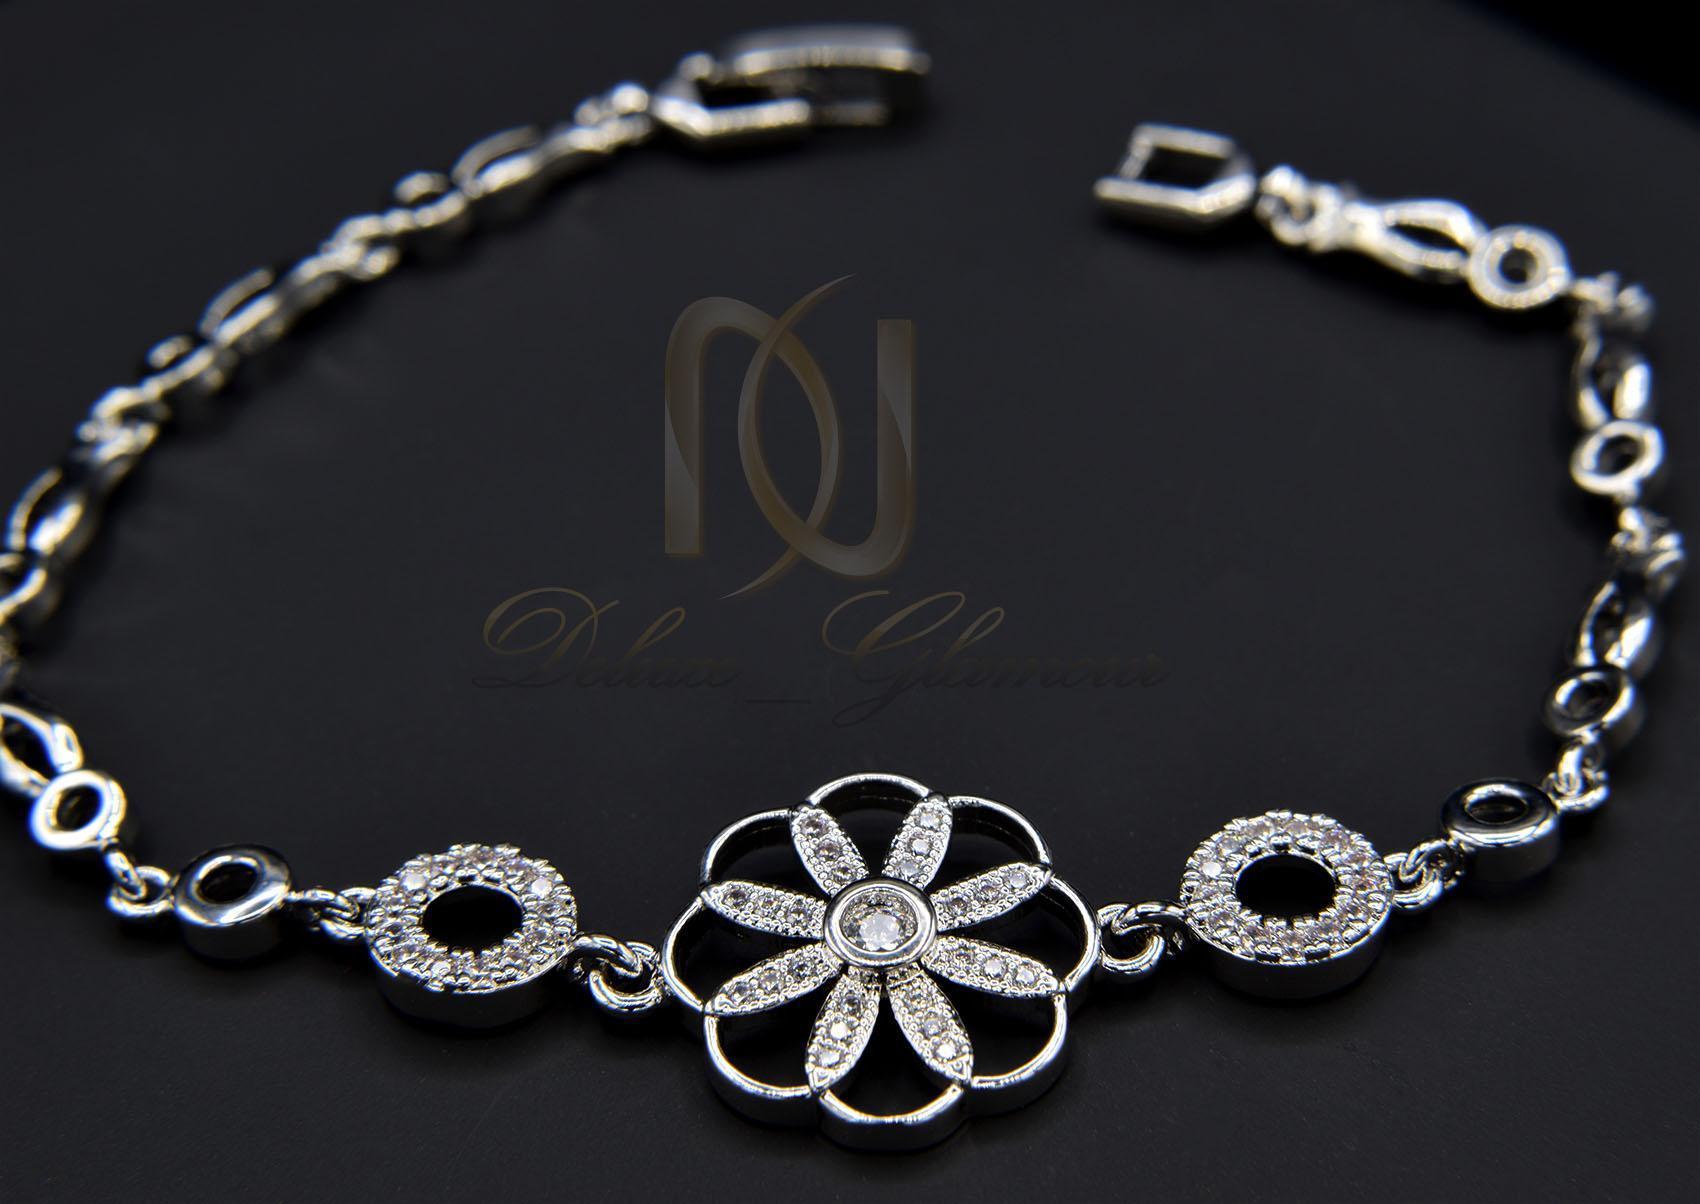 دستبند استیل دخترانه طرح گل ظریف فری سایز ds-n015 روی بک مشکی